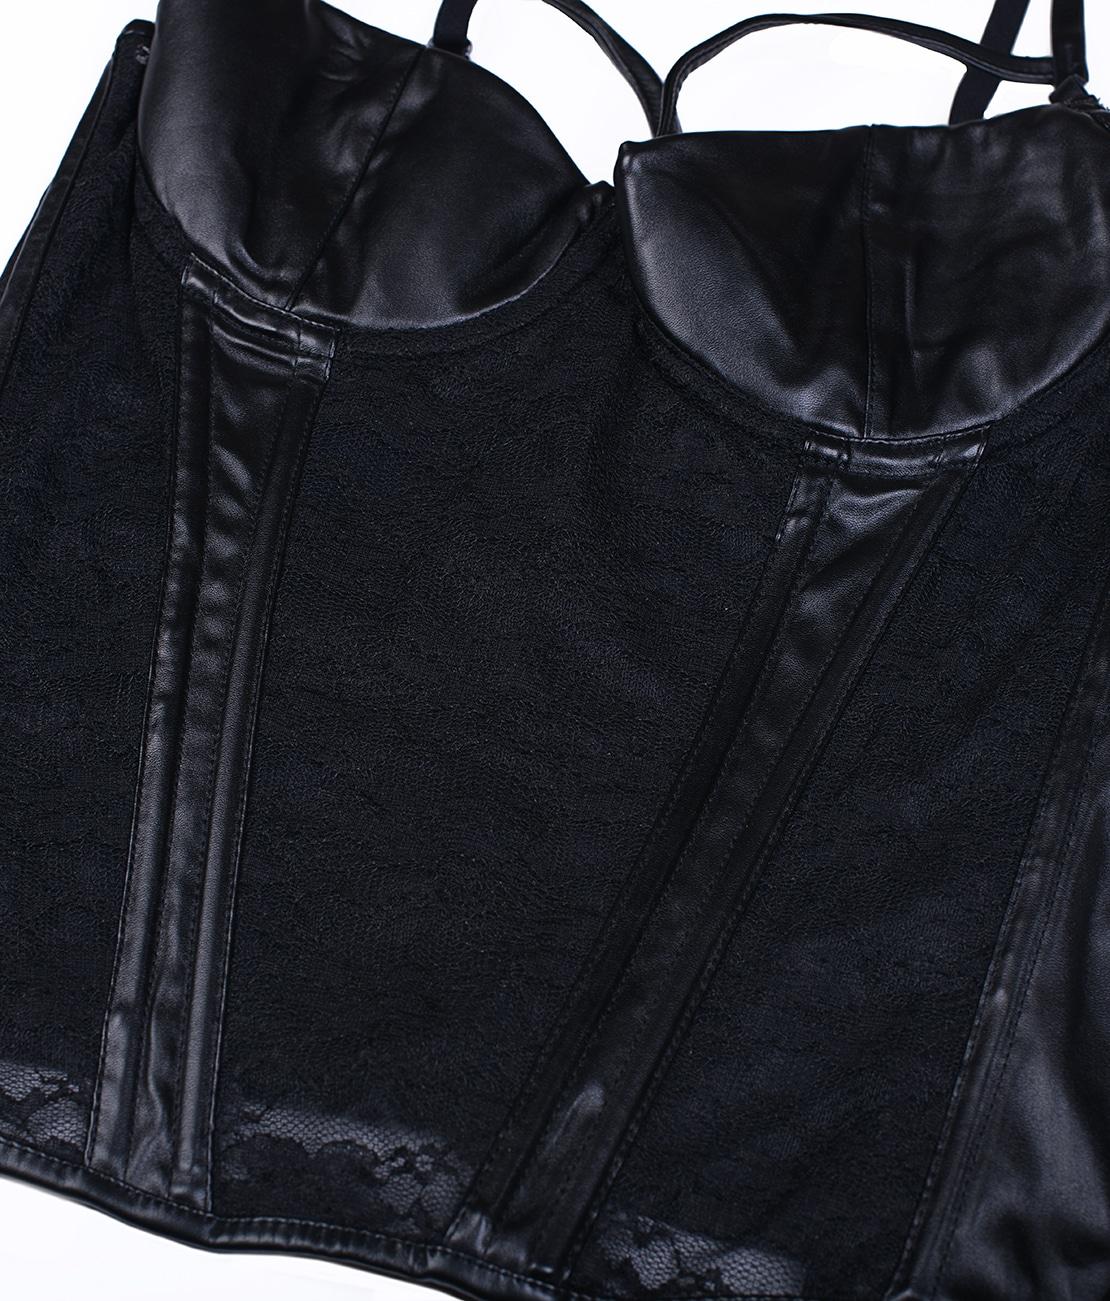 La Guepiere packshot Detail 2